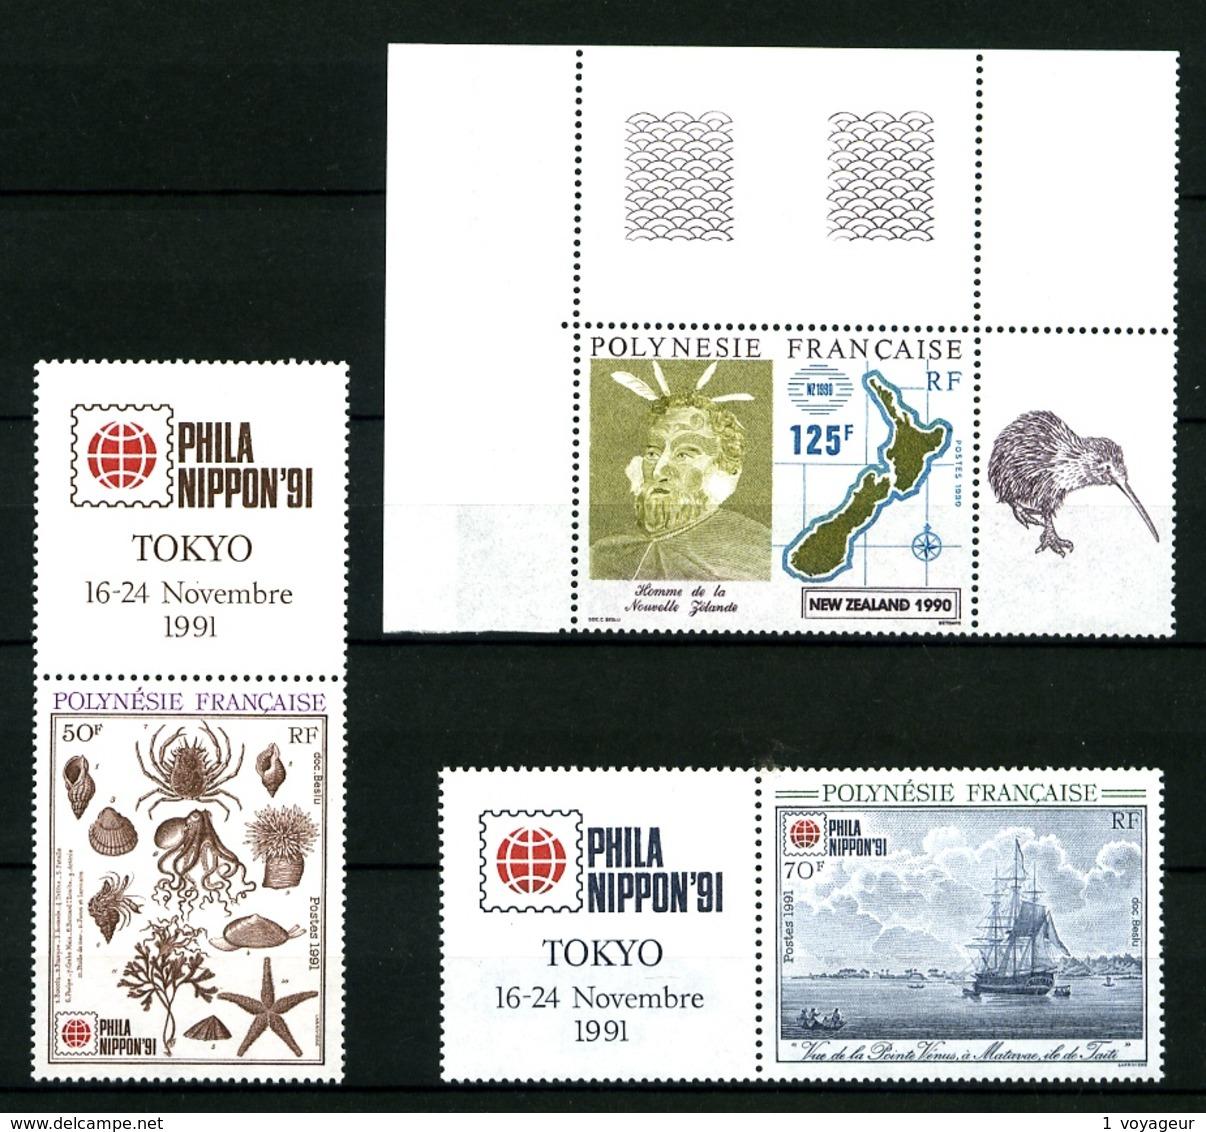 POLYNESIE - 363 + 393 / 394 - 3 Valeurs Expositions Philatéliques - Neufs N** - Très Beaux - Polynésie Française